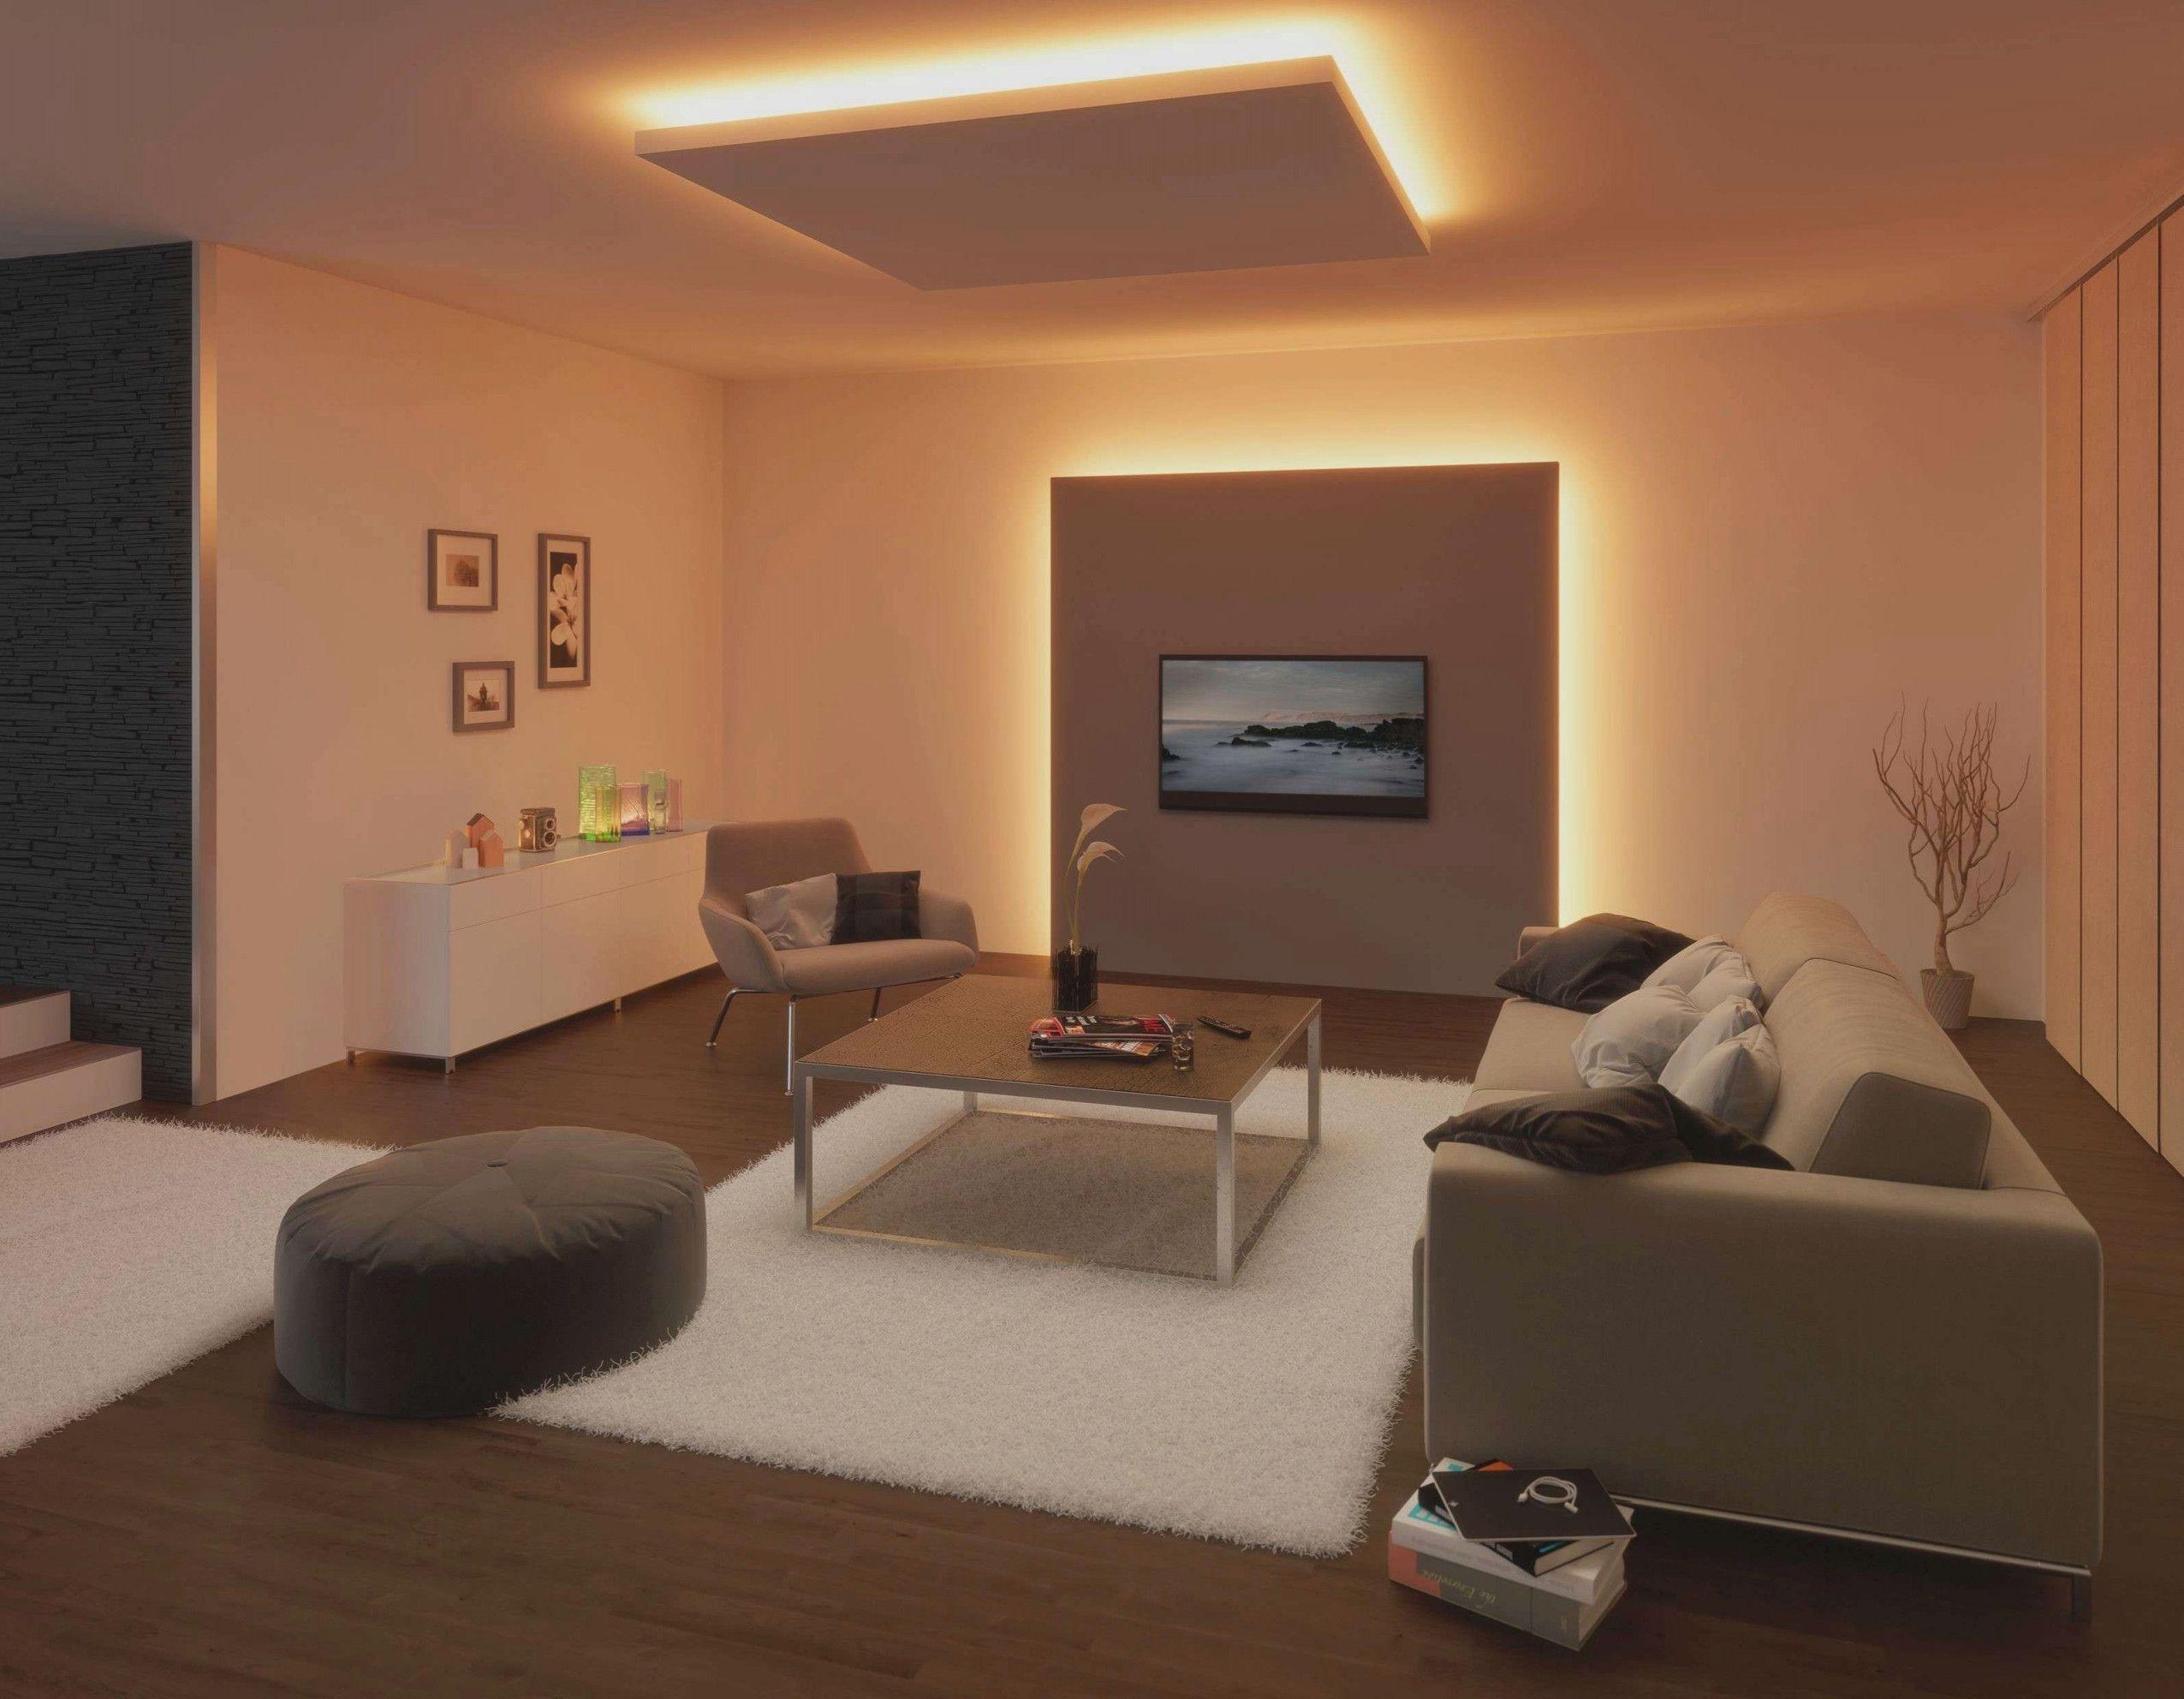 8 Benutzerdefiniert Wohnzimmer Decken Dekoration Renovierung